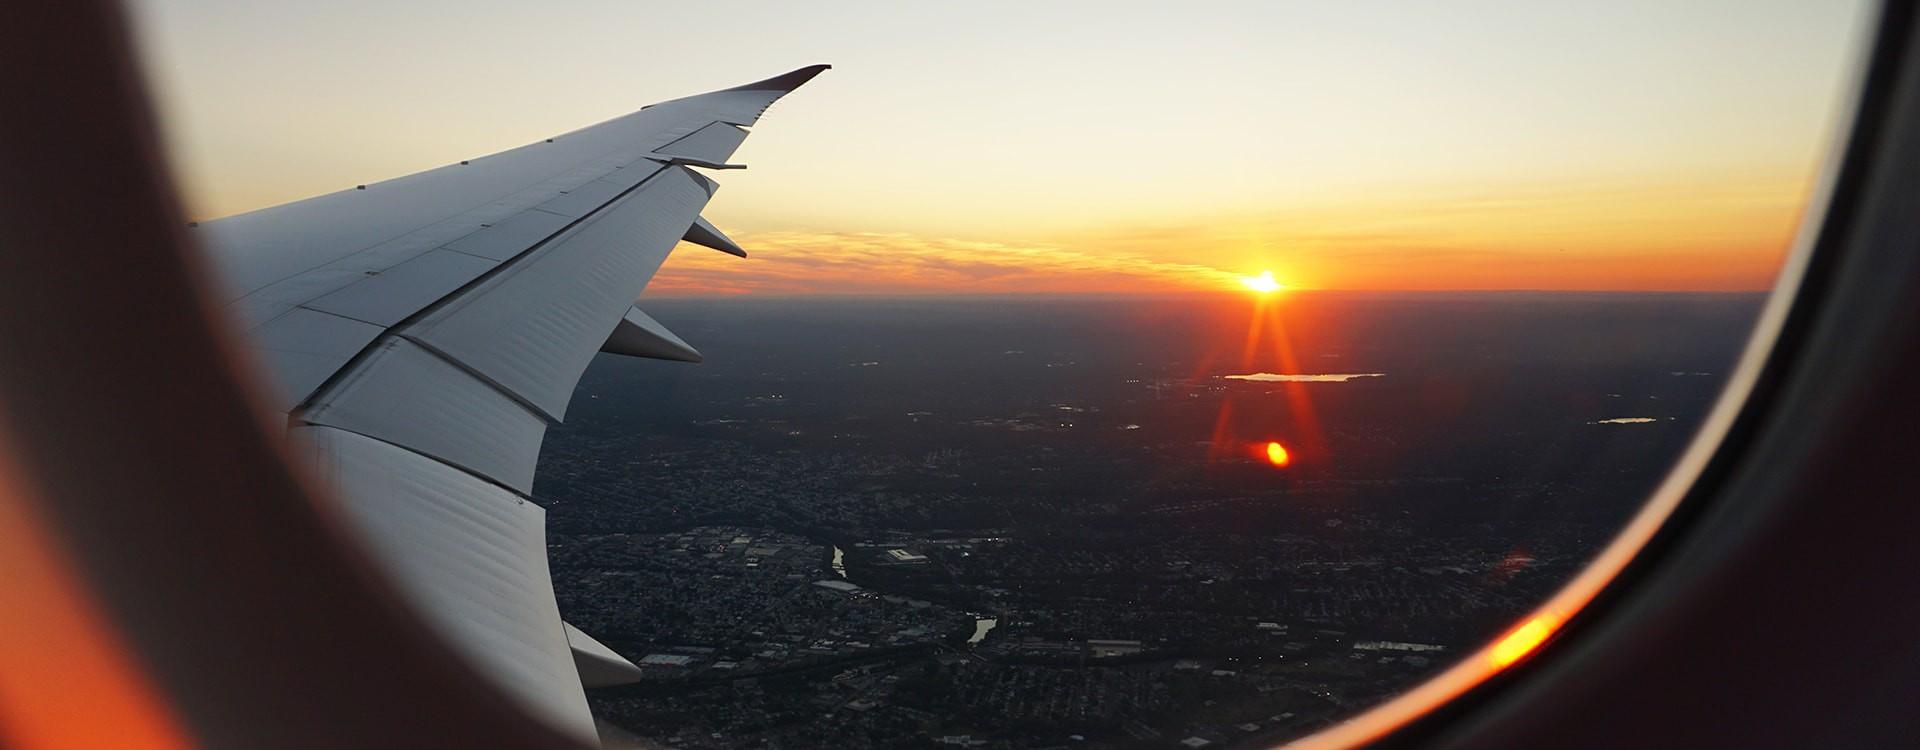 Les 3 choses à ne pas faire dans l'avion